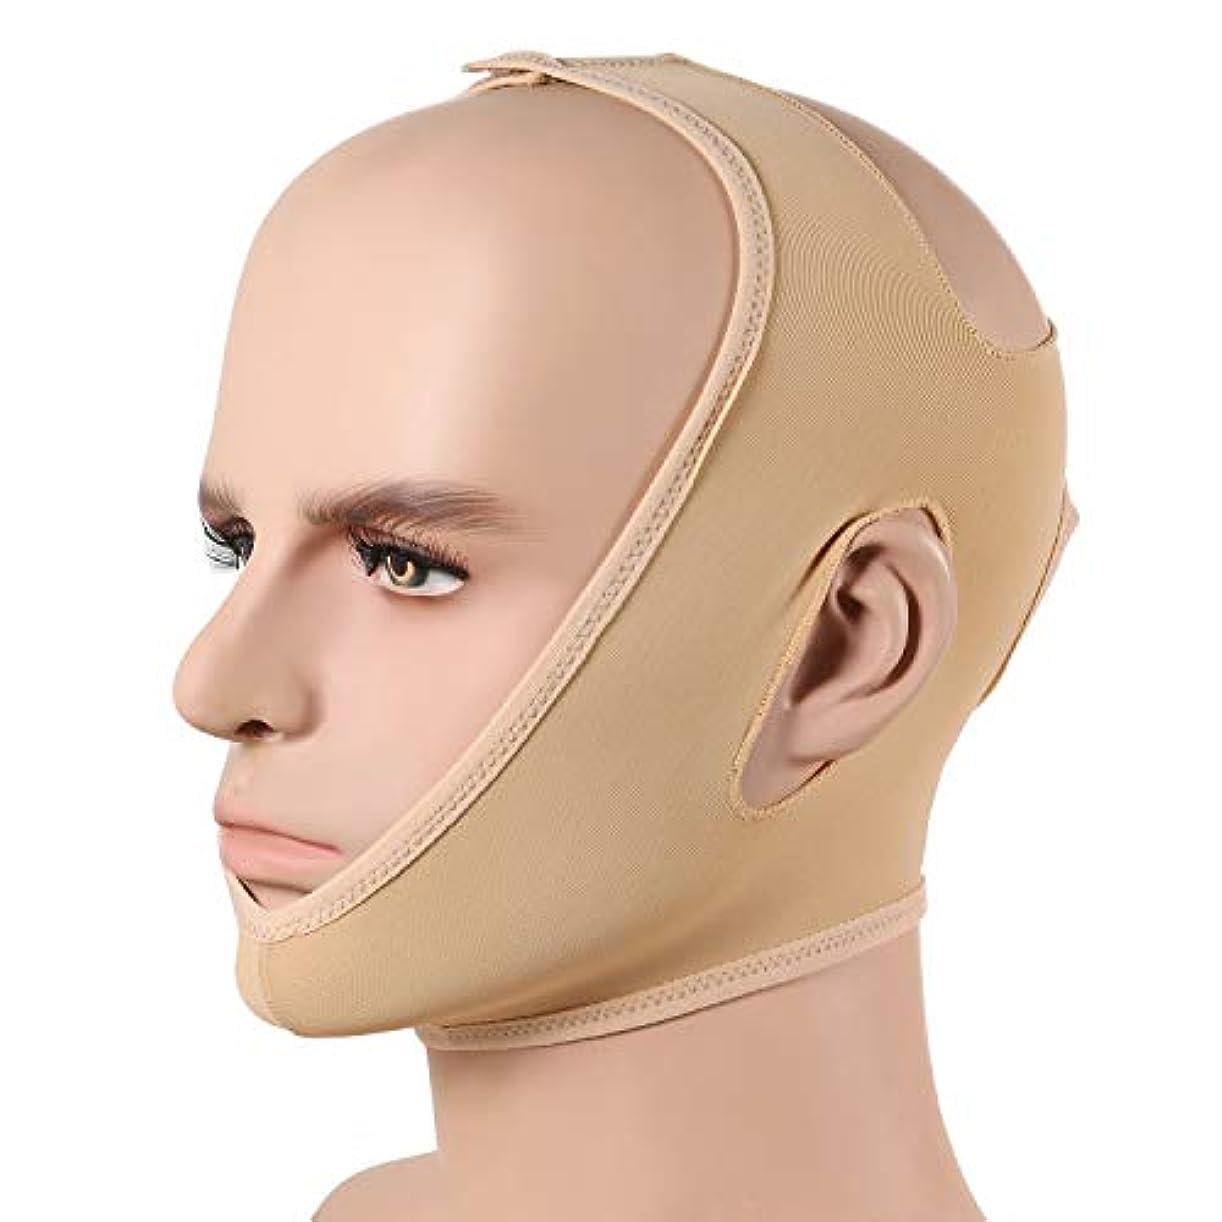 作り上げる適性造船WSJTT スリミングベルト、顔の頬のV形状のリフティングフェイスは薄いマスクストラップフェイスラインは通気性の圧縮二重あごスムースリフトアップ包帯チンはアンチリンクルストラップ、Vフェイスラインスリムアップマスクを持ち上げ削減